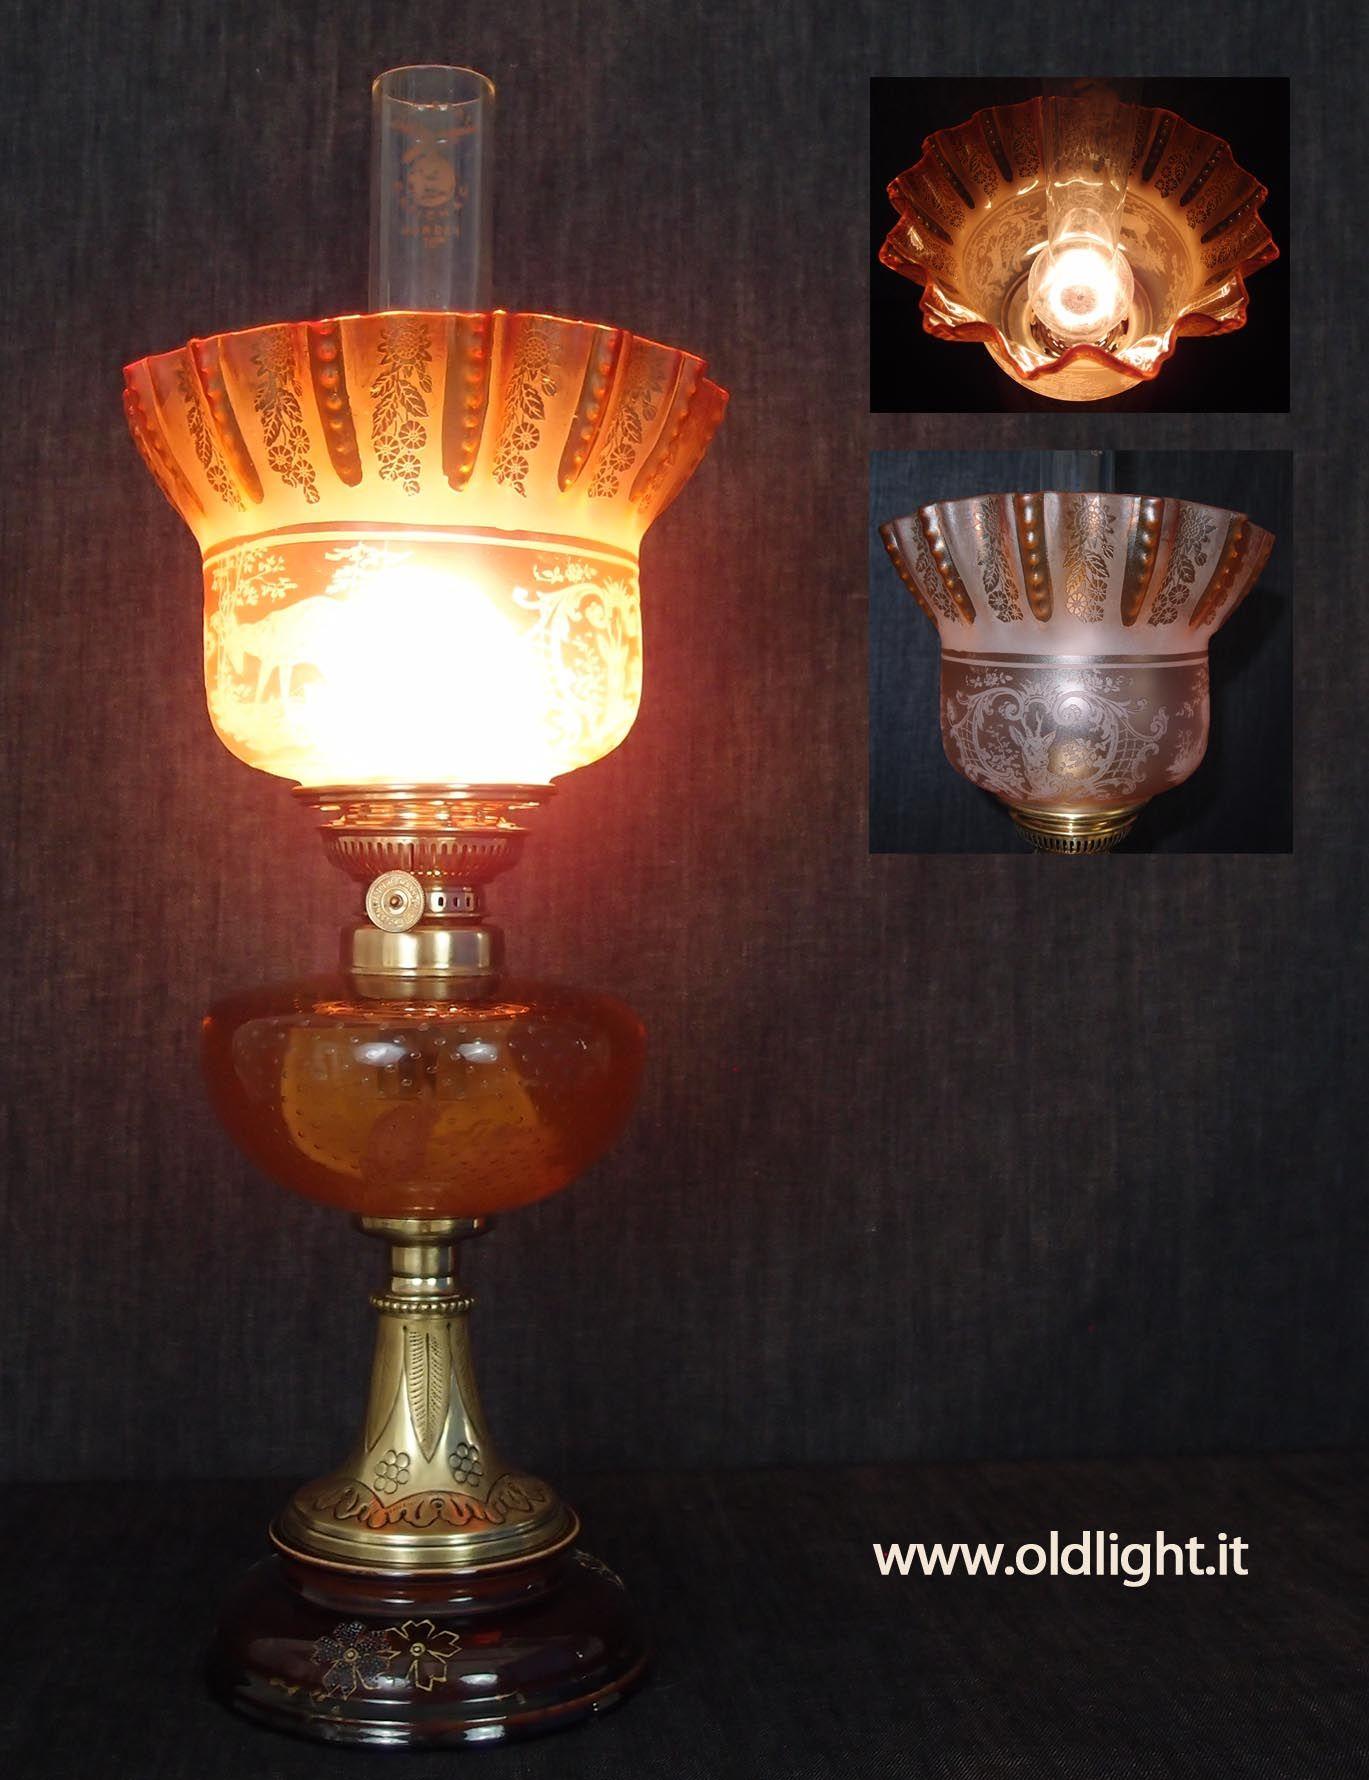 Elegante Lampada Da Tavolo Francese Base In Ceramica E Ottone Sbalzato Serbatoio In Cristallo Color Salmone Con Raffinata Lavoraz Swag Lamp Lamp Oil Lamps